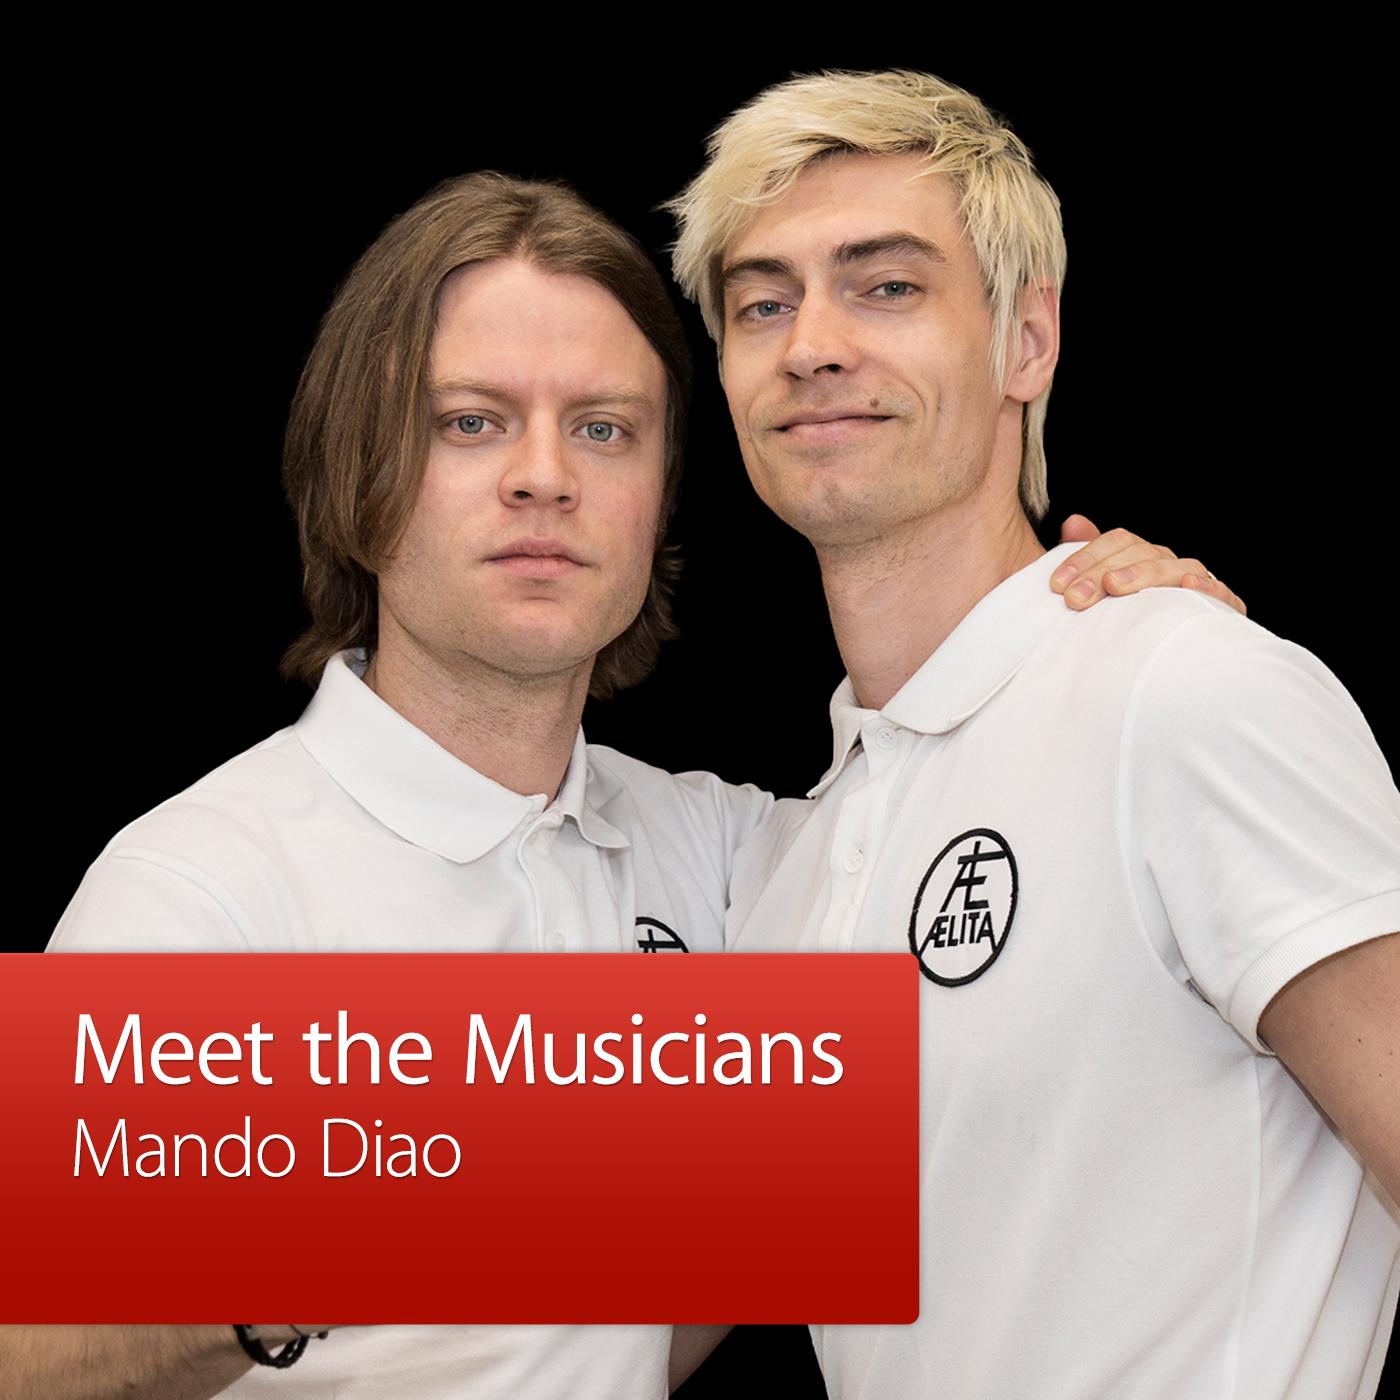 Mando Diao: Meet the Musician